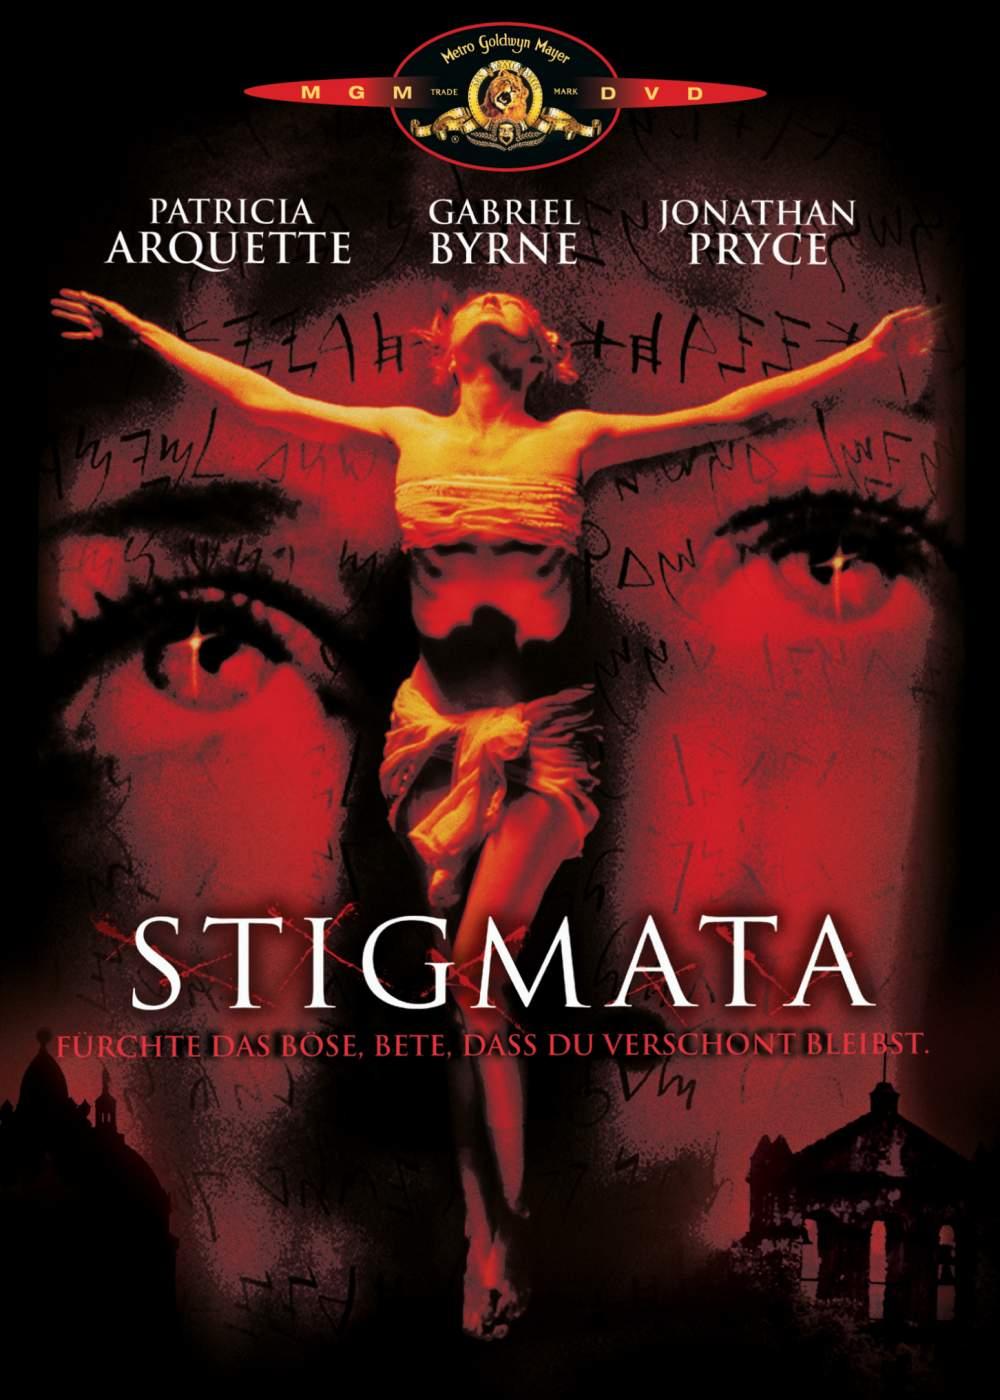 stigmata film